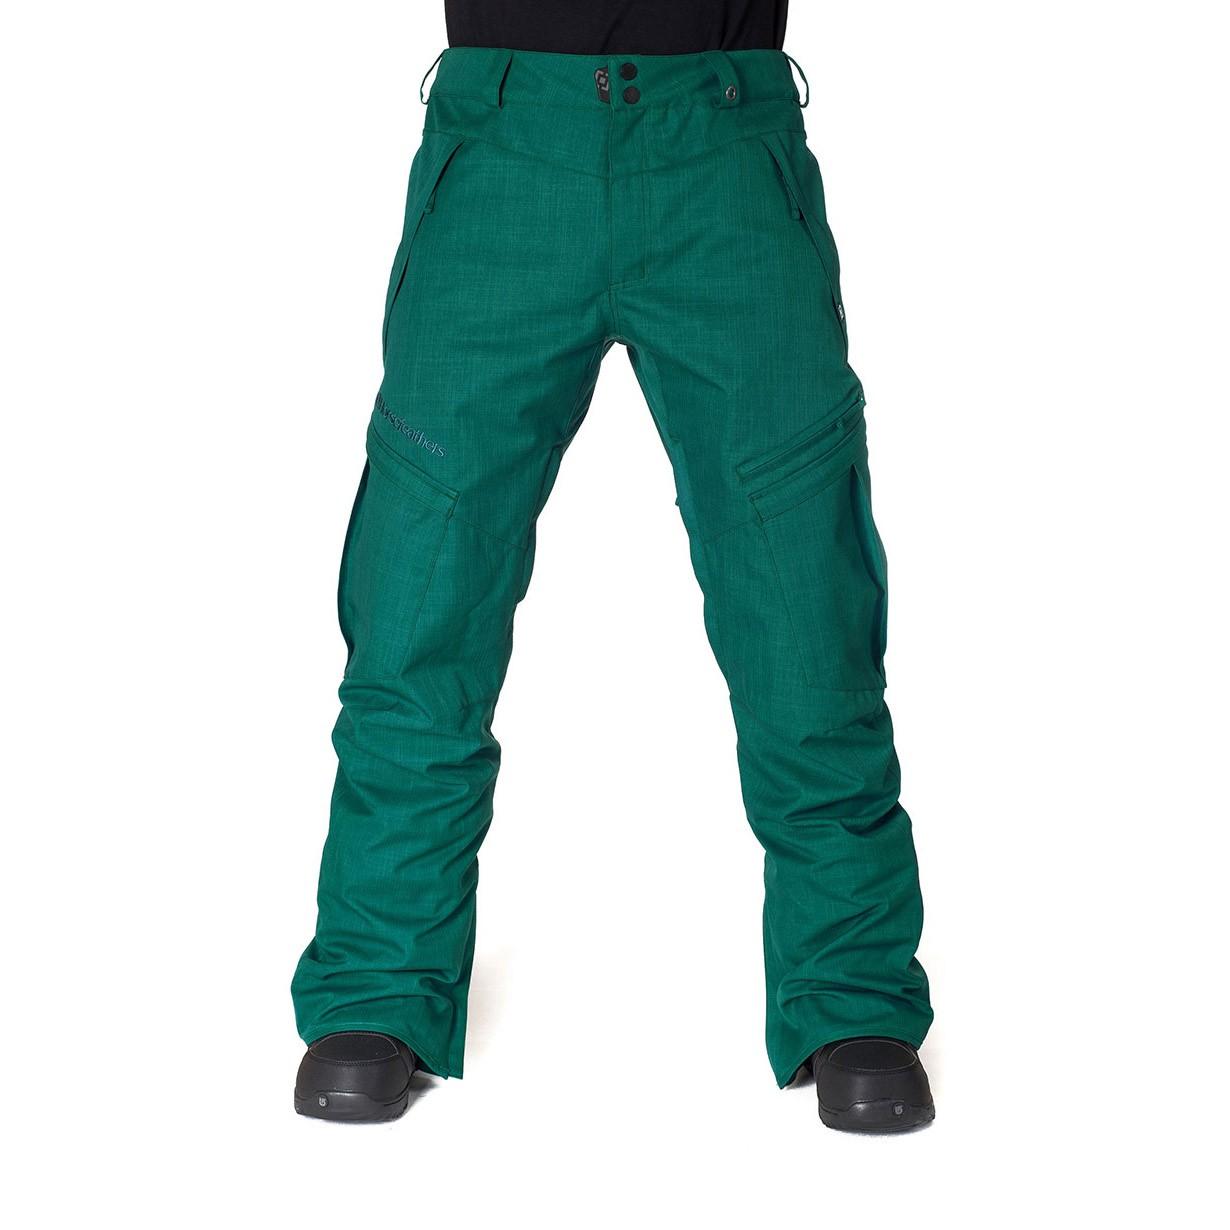 Kalhoty Horsefeathers Motive deep green vel.XL 15/16 + doručení do 24 hodin